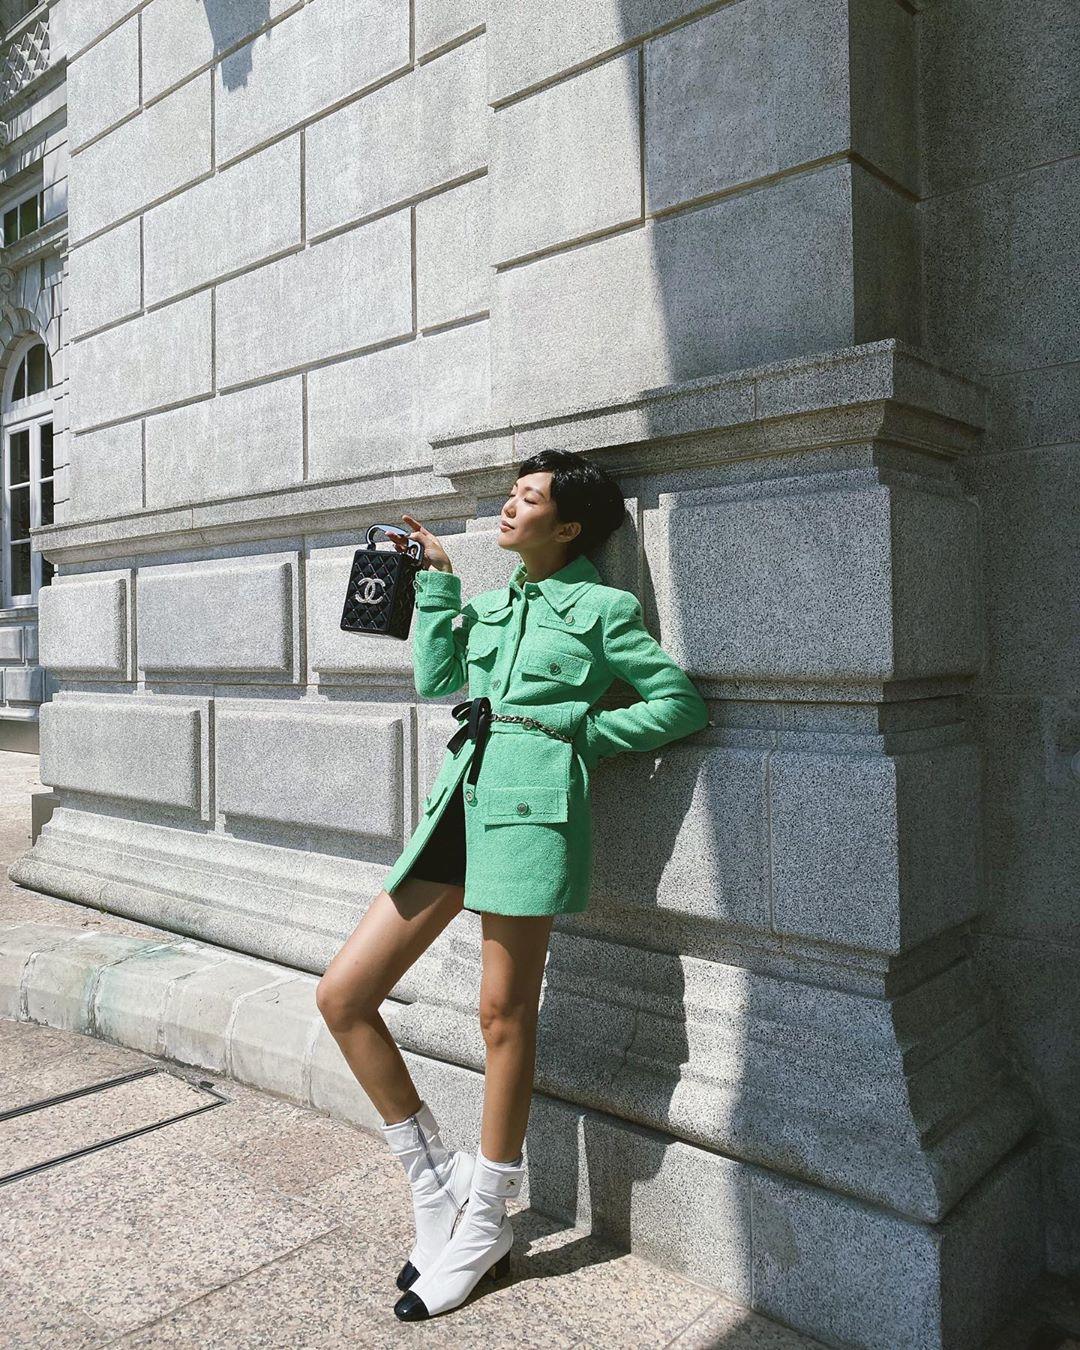 Bài học thời trang từ Coco Chanel - Yoyo Cao mặc áo tweed xanh, mang bốt trắng, xách túi Chanel